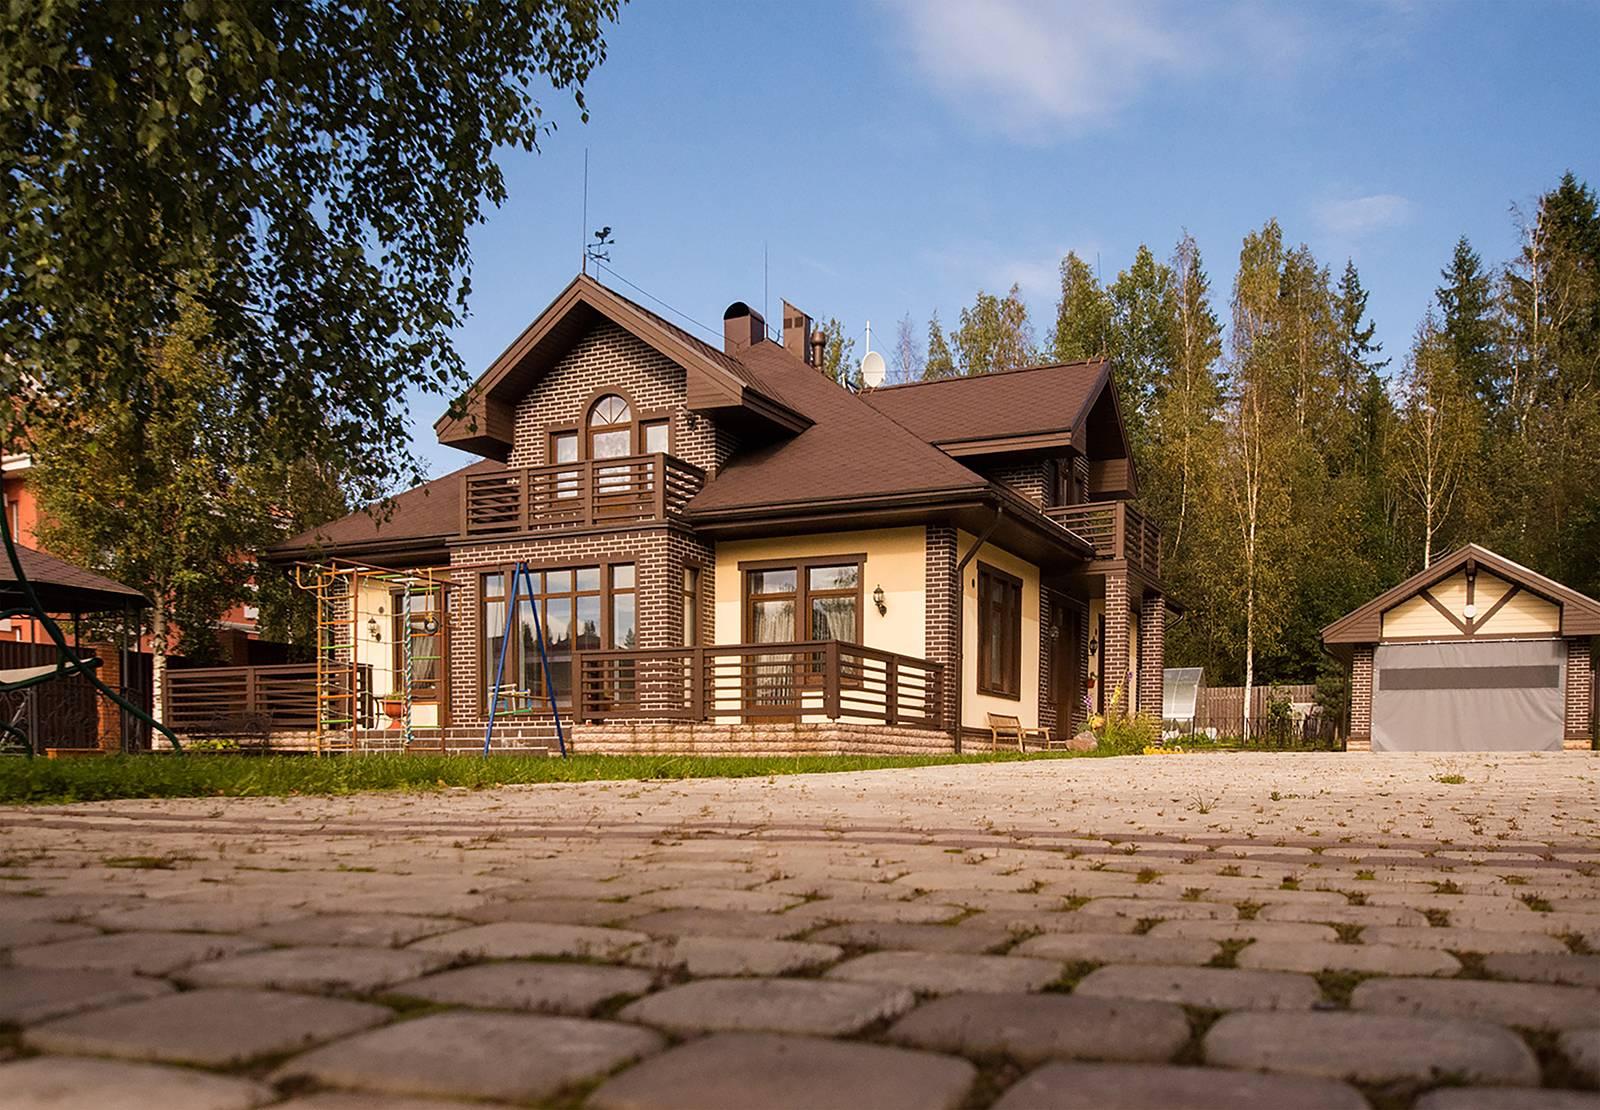 Комбинированные дома: проекты из камня и дерева, строительство коттеджей из кирпича и бруса, здания экономкласса